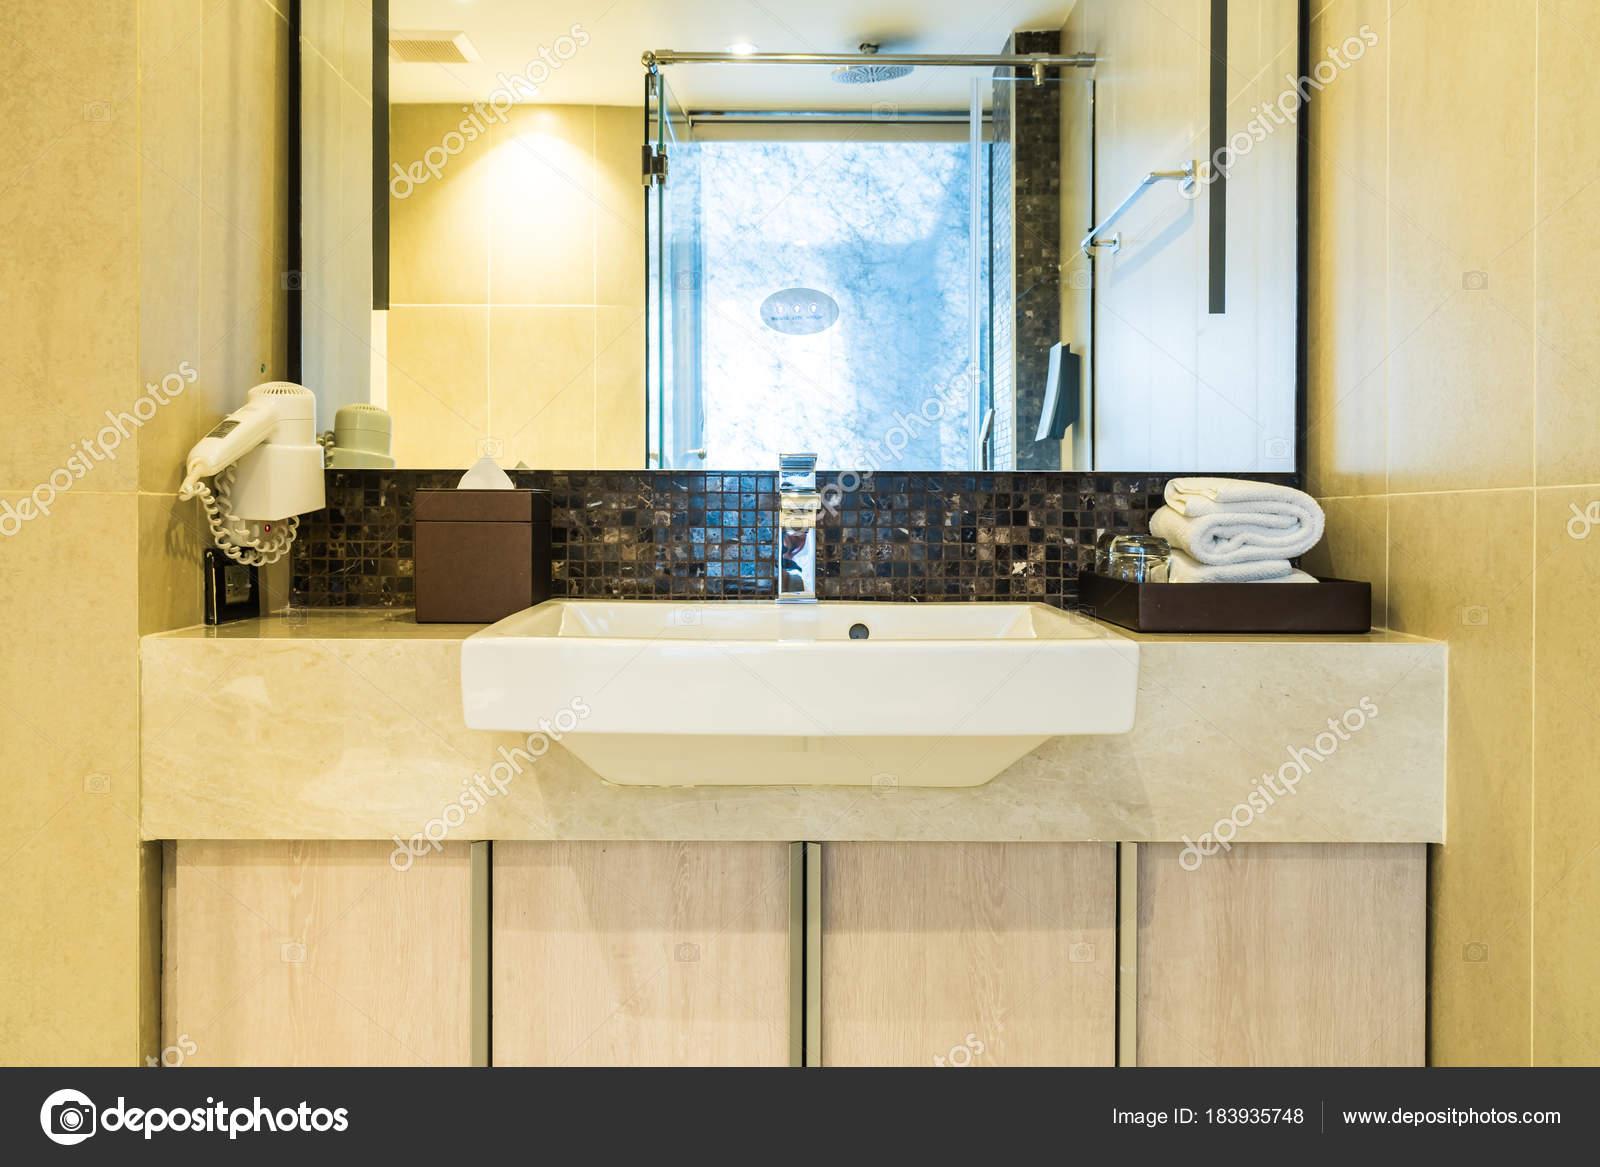 Witte decoratie van wastafel en kraan in de badkamer u2014 stockfoto